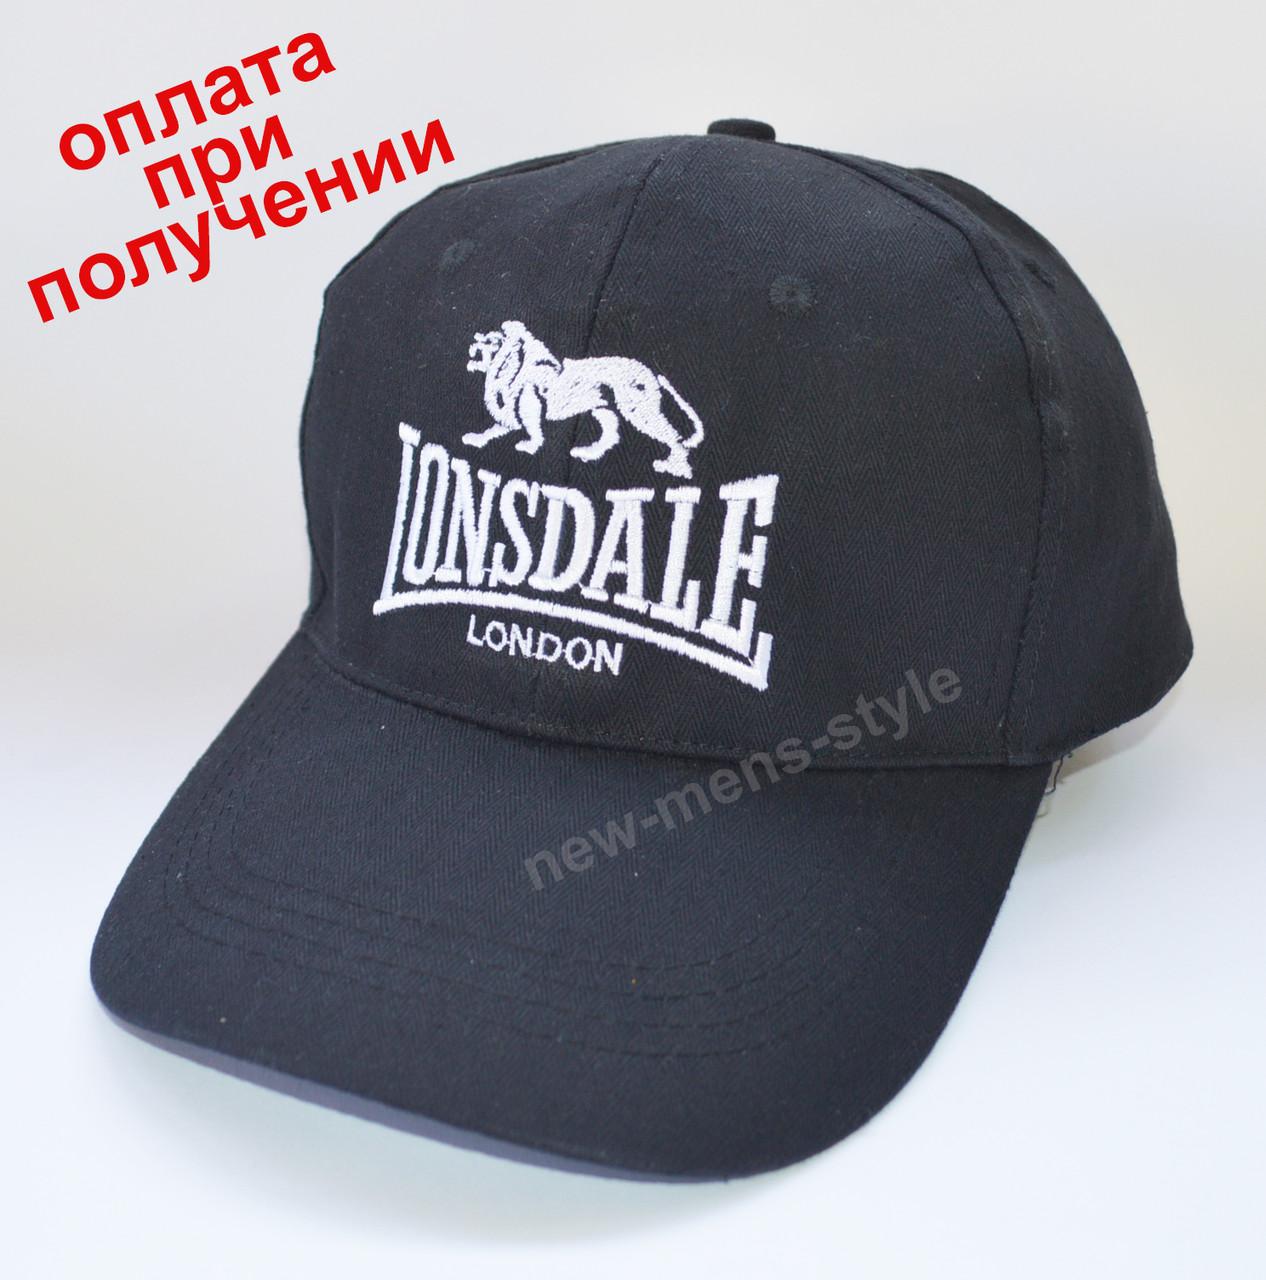 Чоловіча чоловіча спортивна кепка бейсболка блайзер Lonsdale